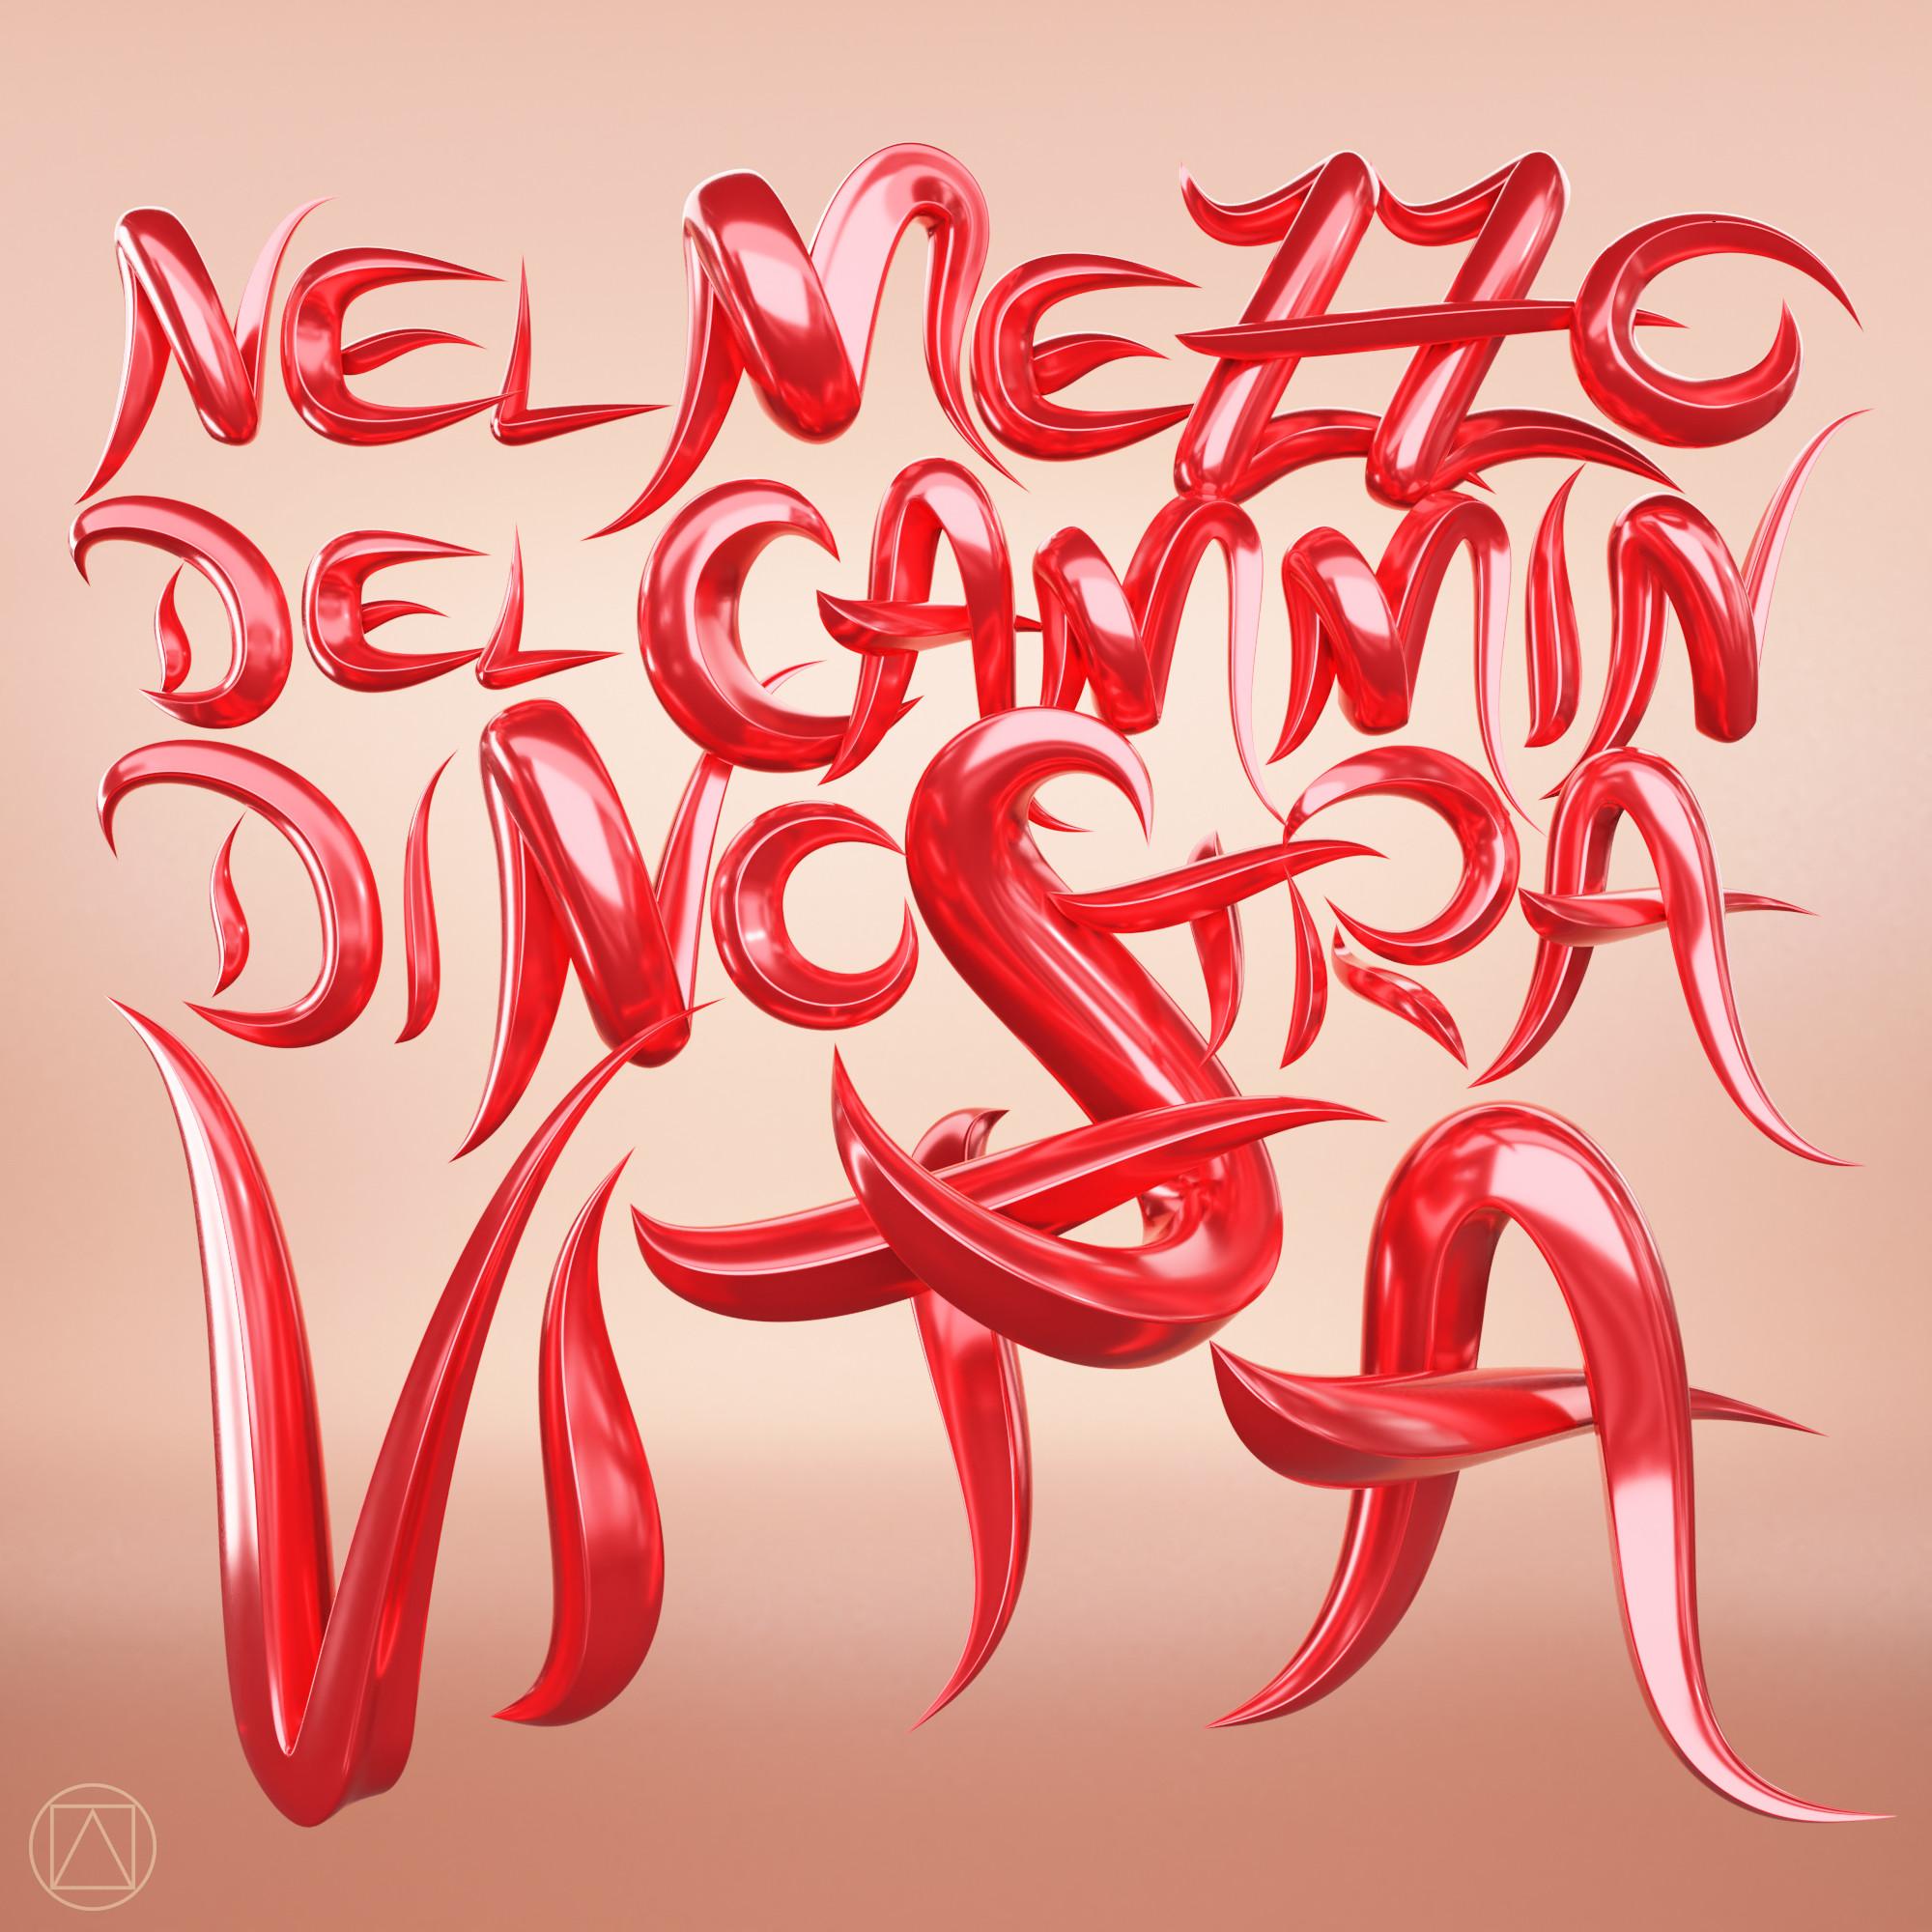 """Nel mezzo del cammin di nostra vita - Quote from Dante's """"Divina Commedia"""""""